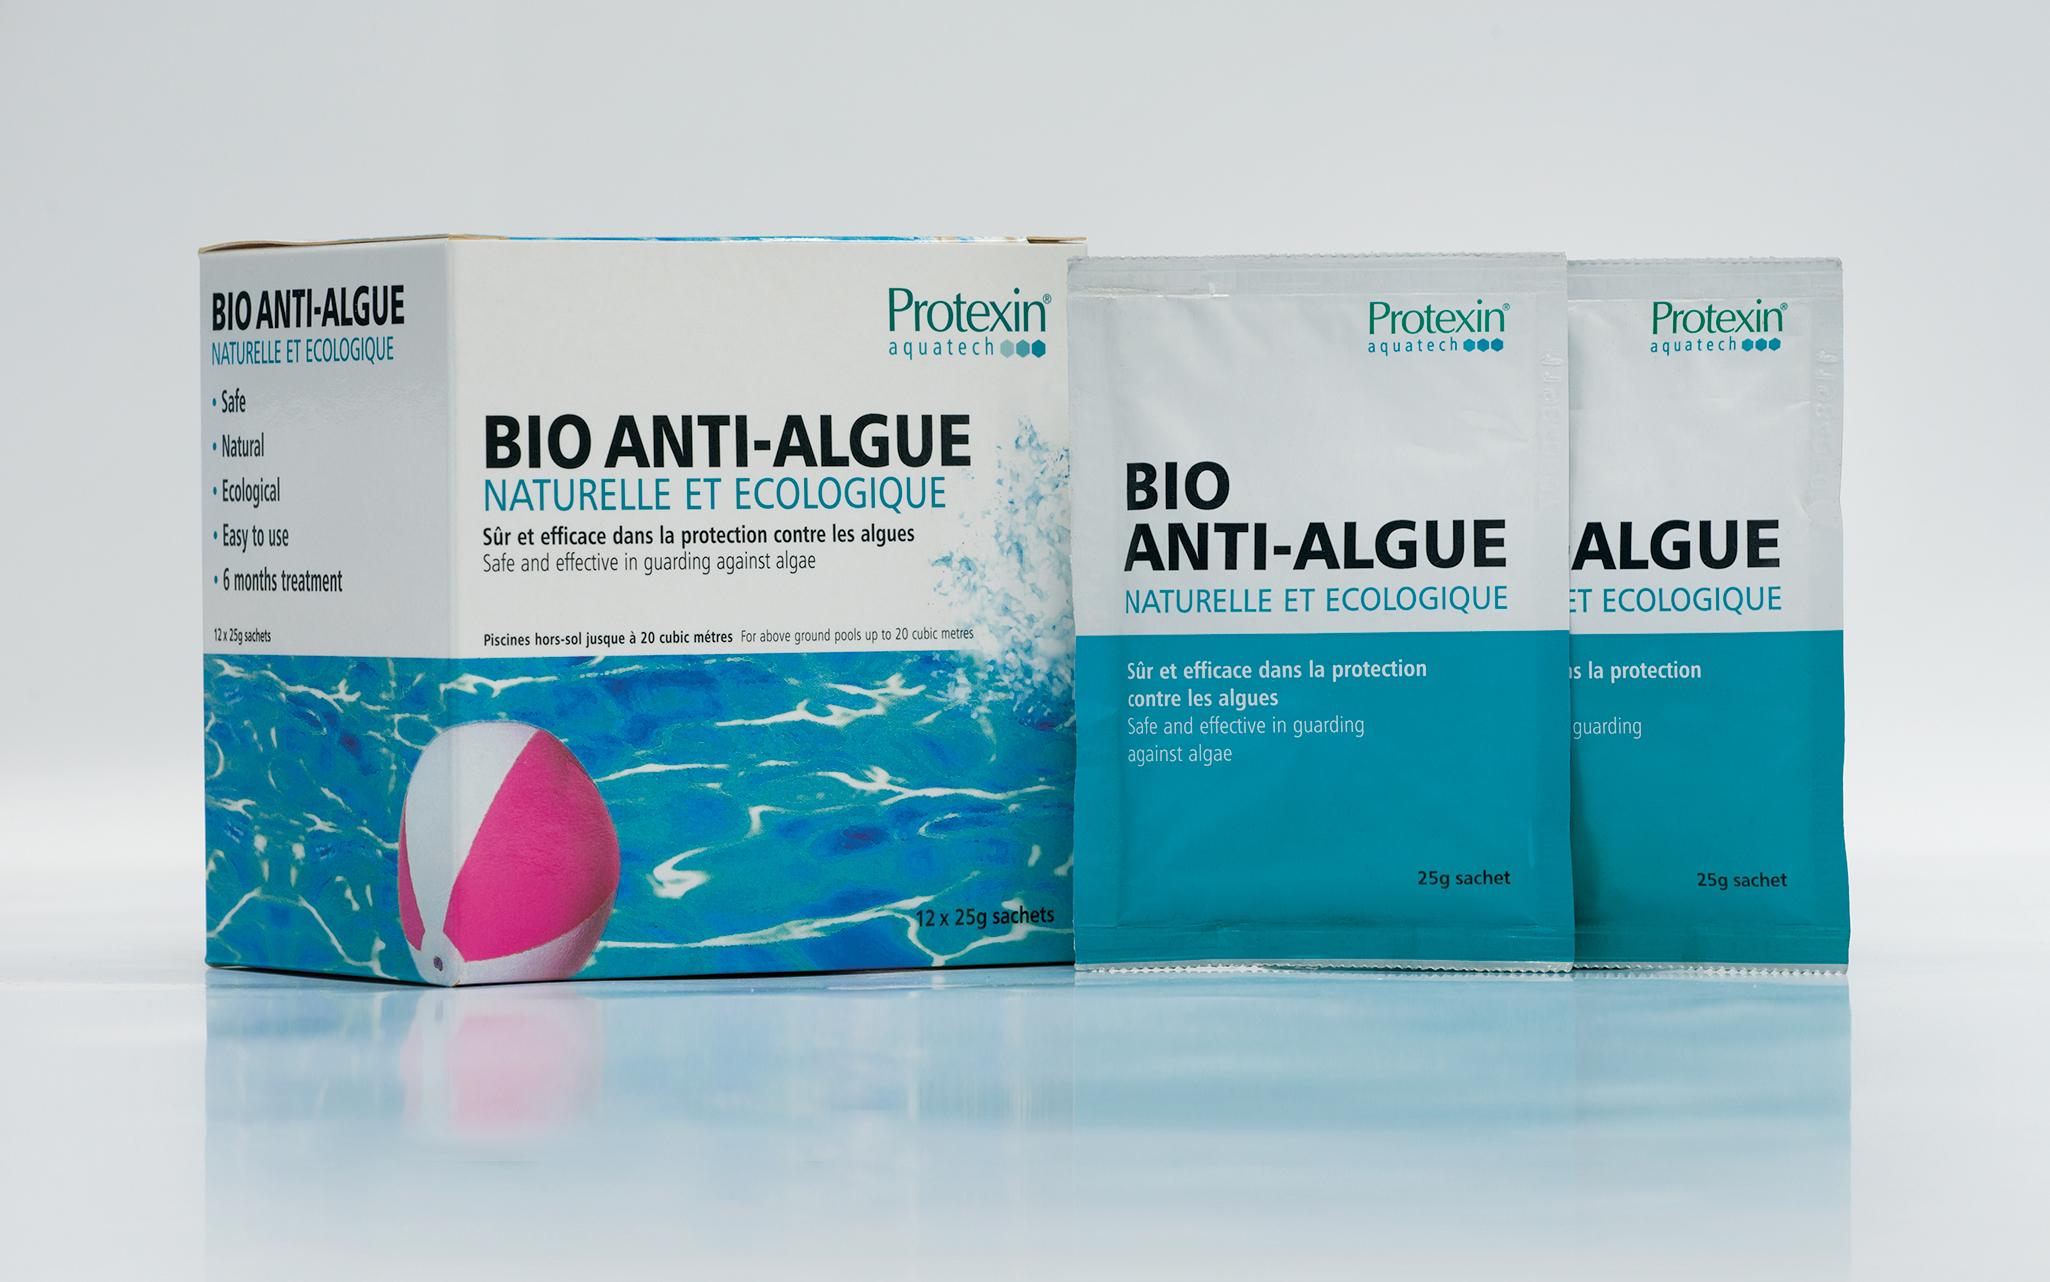 Protexin Bio Anti-Algue